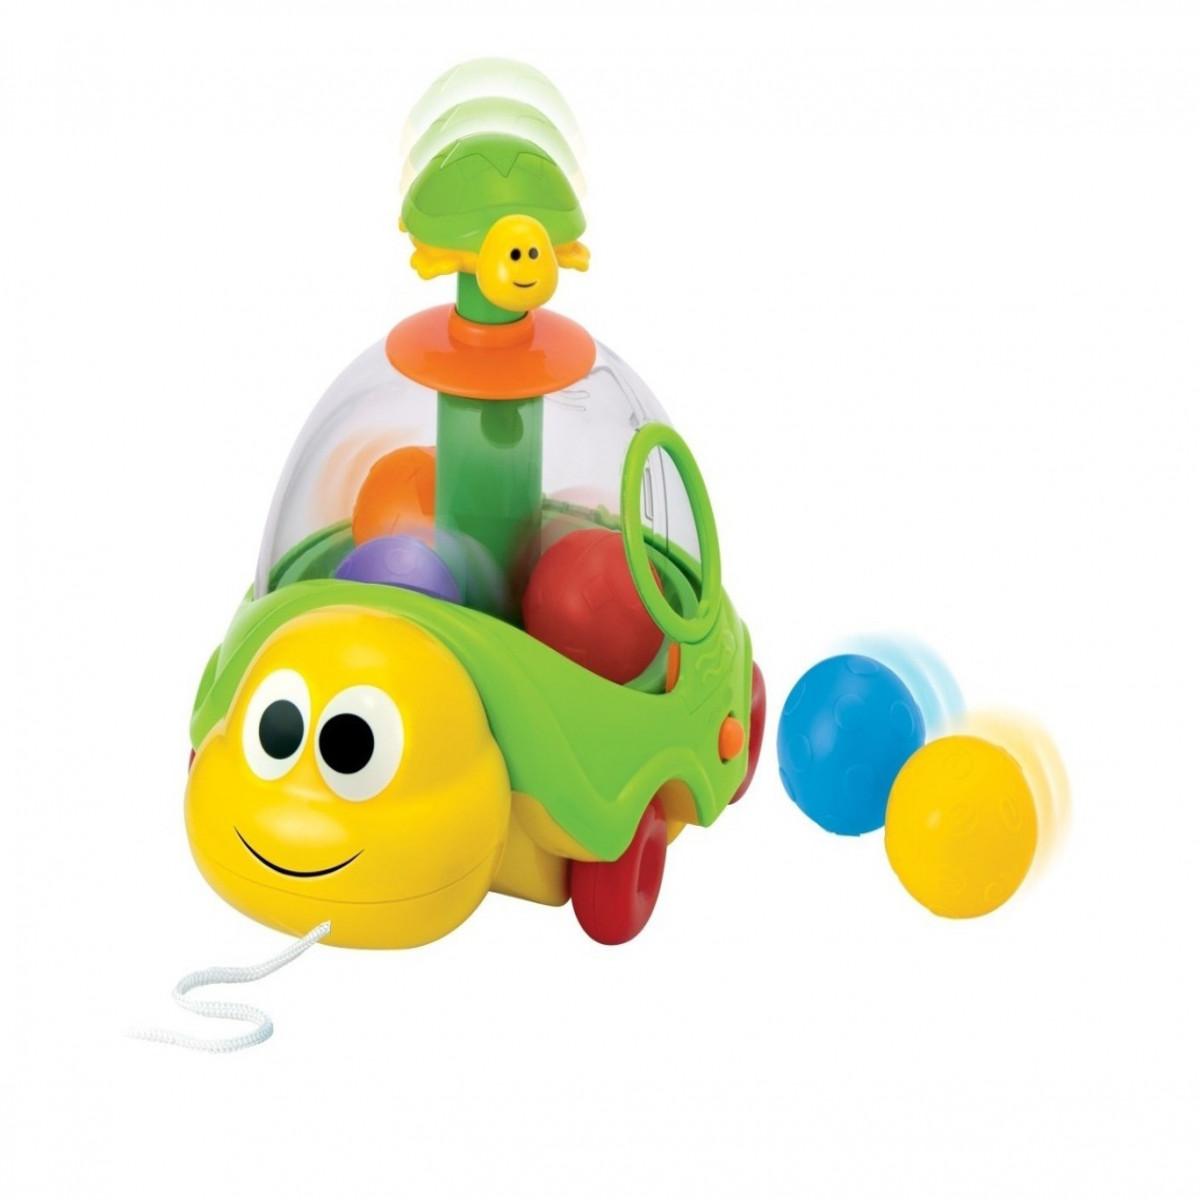 Lanza pelotas de arrastre Winfun verde